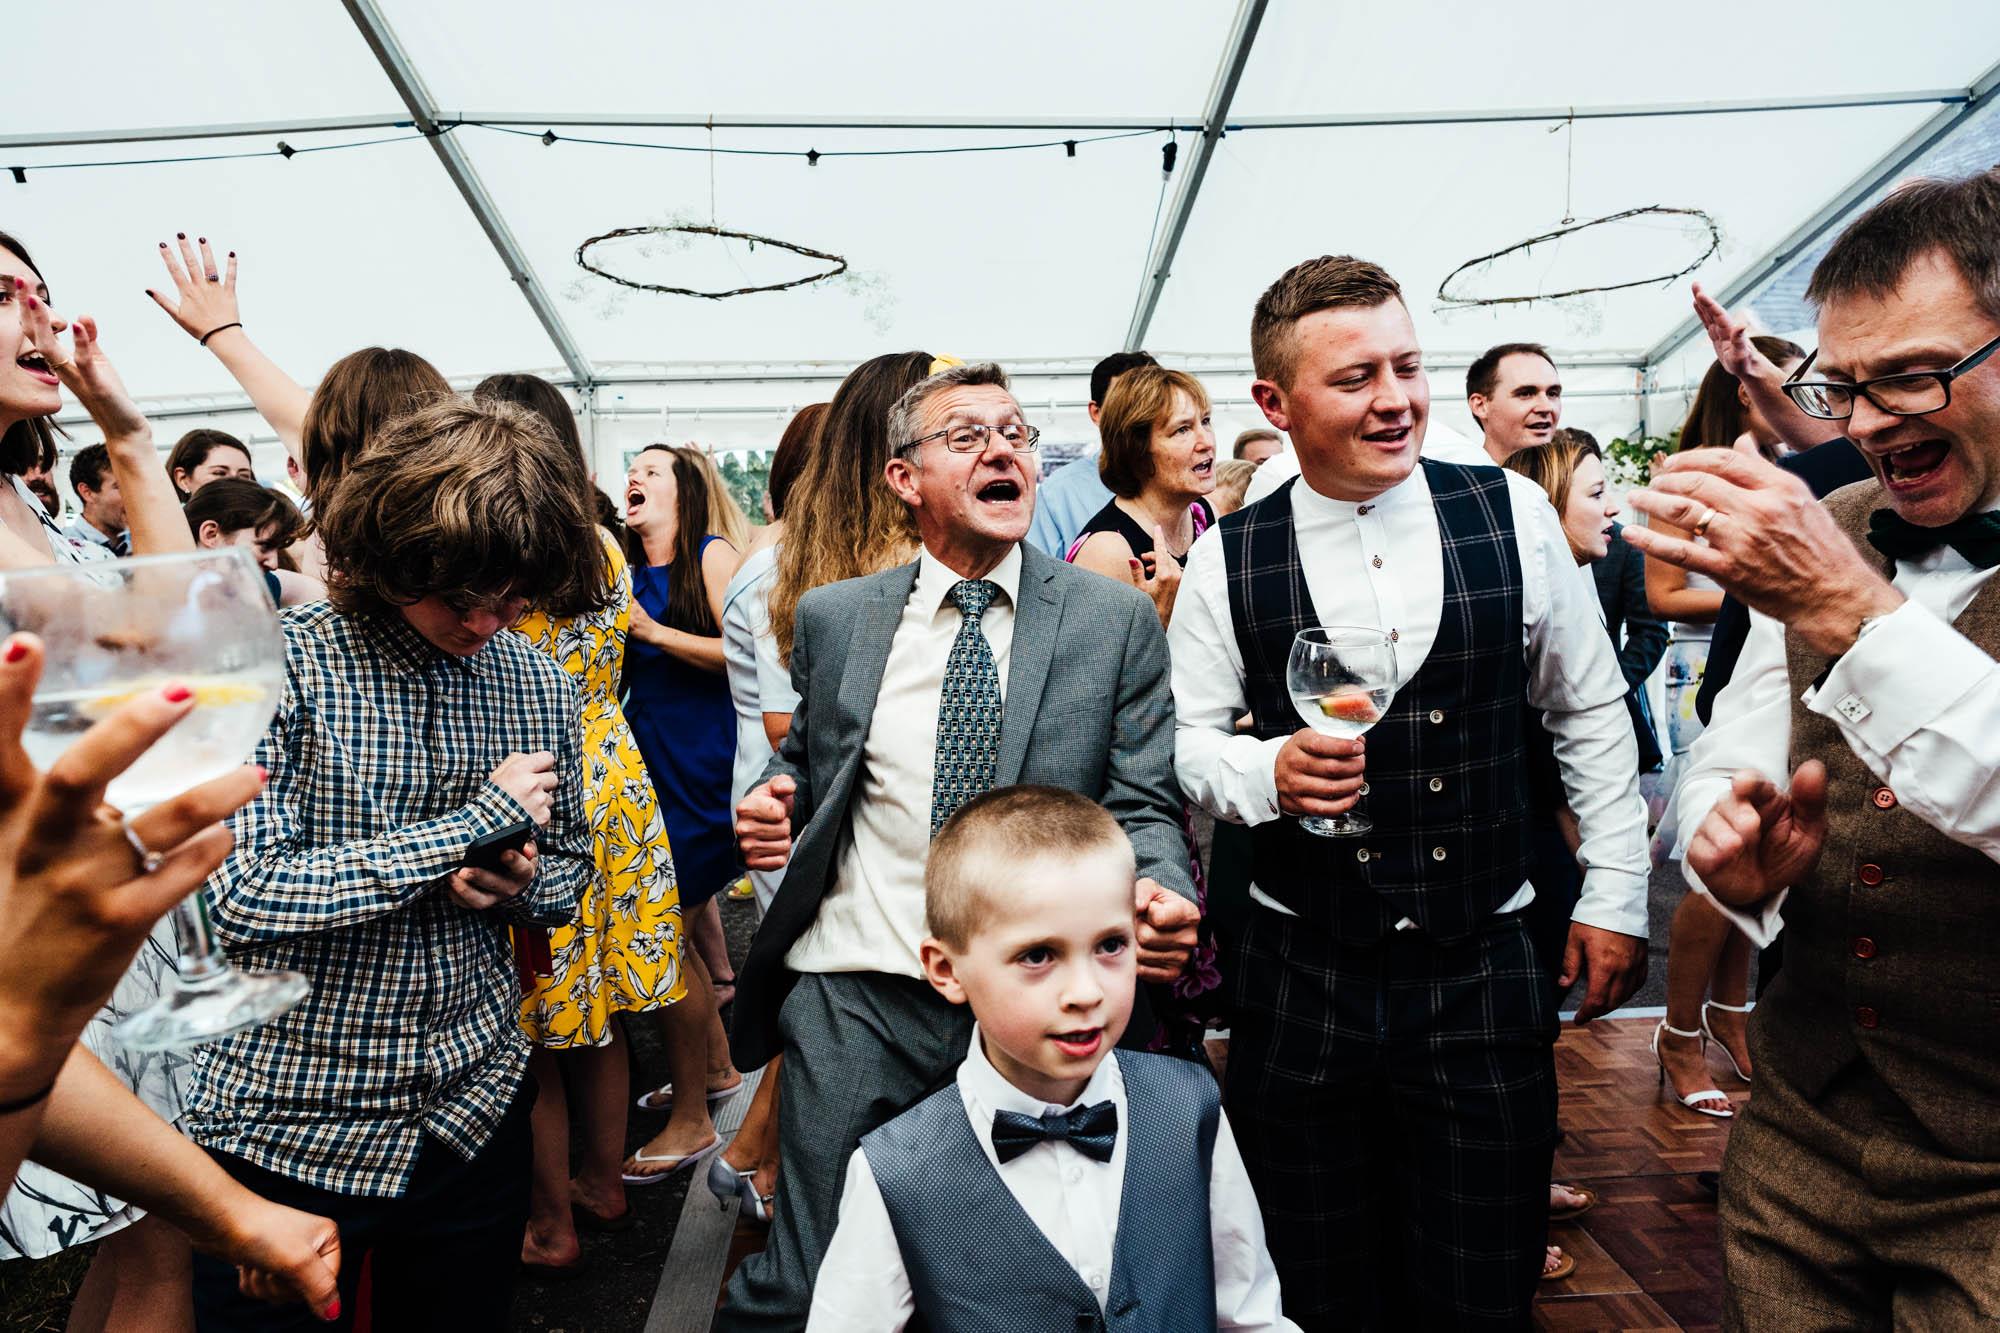 village-fete-wedding-103